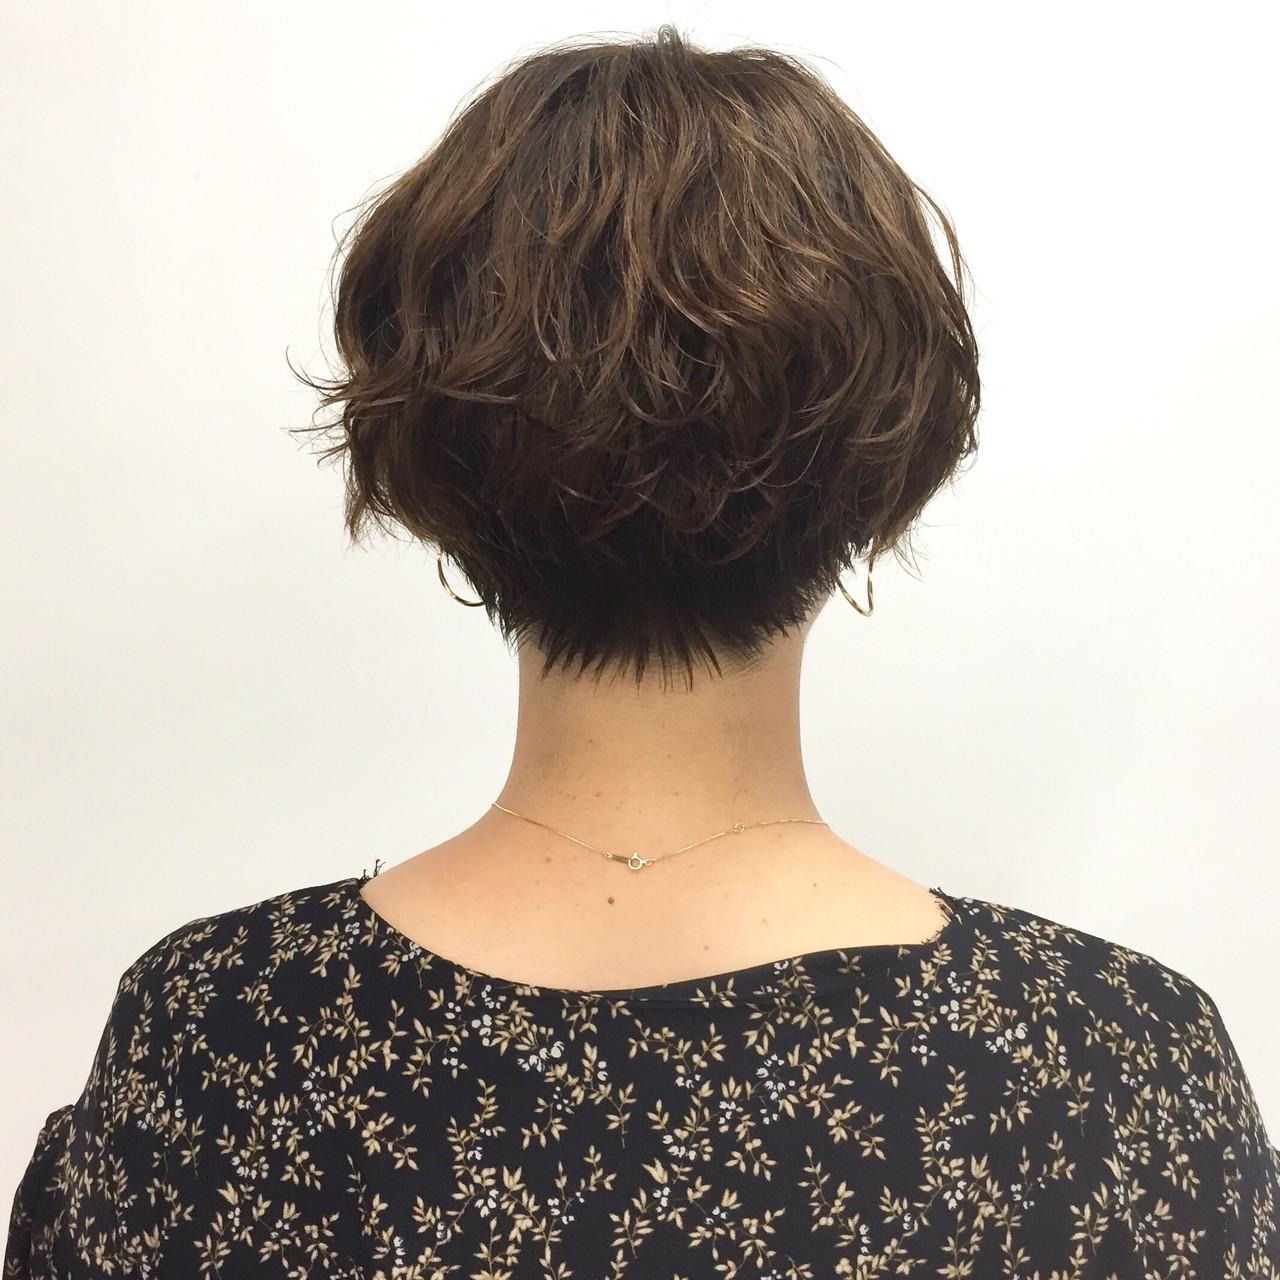 ナチュラル ハンサムショート ショート ショートバング ヘアスタイルや髪型の写真・画像 | 【ショート&ショートボブはお任せください】淺川聖 / parc sapporo